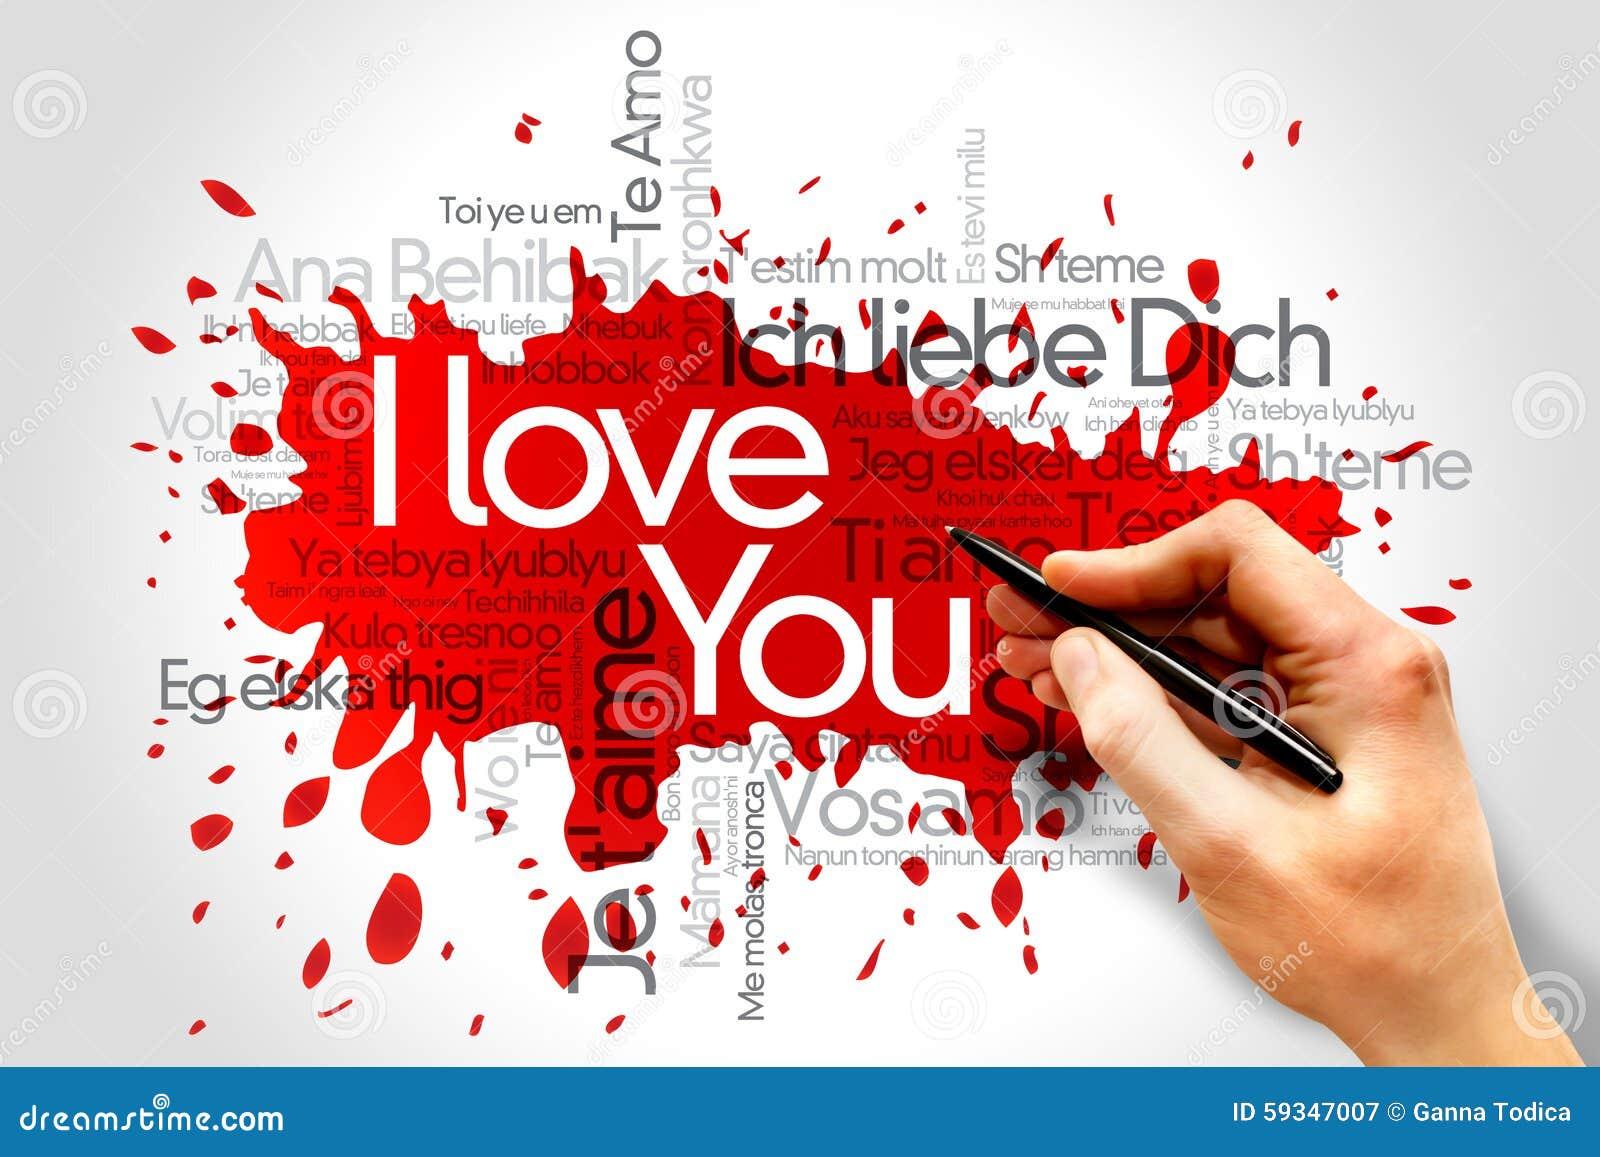 Ich Liebe Dich Allen Sprachen Der Welt Stock Images - 2 Photos